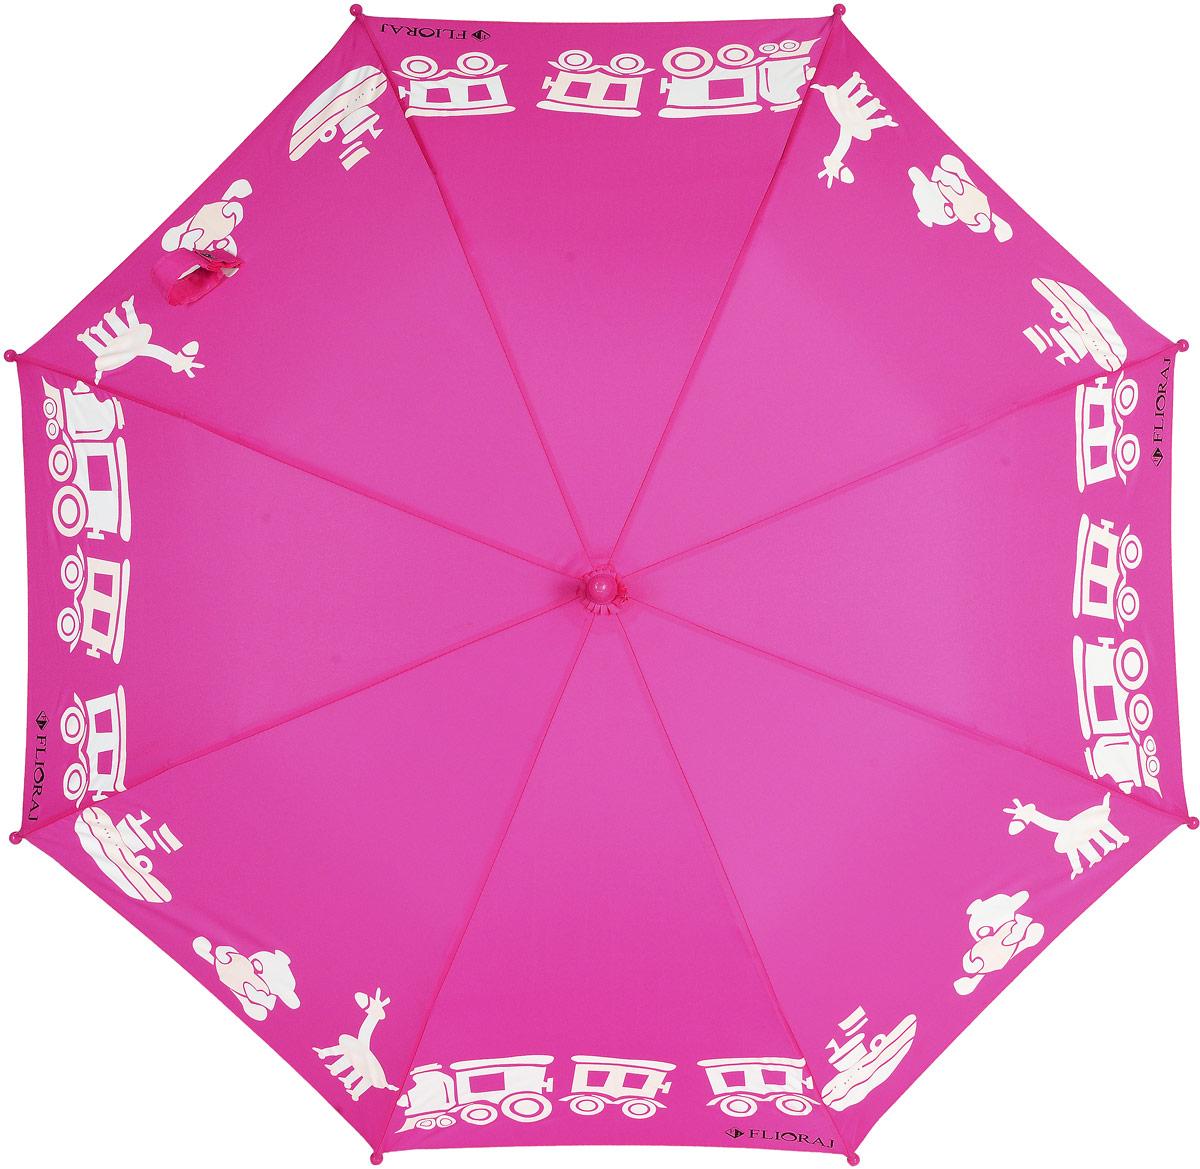 Зонт детский Flioraj, цвет: фуксия. 0512103.7-12 navyОригинальный и яркий детский зонт от Flioraj станет замечательным подарком для вашего ребенка.Изделие имеет механический способ сложения: и купол, и стержень открываются и закрываются вручную до характерного щелчка. Зонт состоит из восьми пластиковых спиц и стержня, изготовленного из металла. Яркий купол выполнен из качественного полиэстера, который не пропускает воду, и оформлен принтом в виде игрушек. Ручка выполнена из пластика и дополнена подвеской-свистком. Оригинальный дизайн зонта поднимет настроение не только вам, но и окружающим.